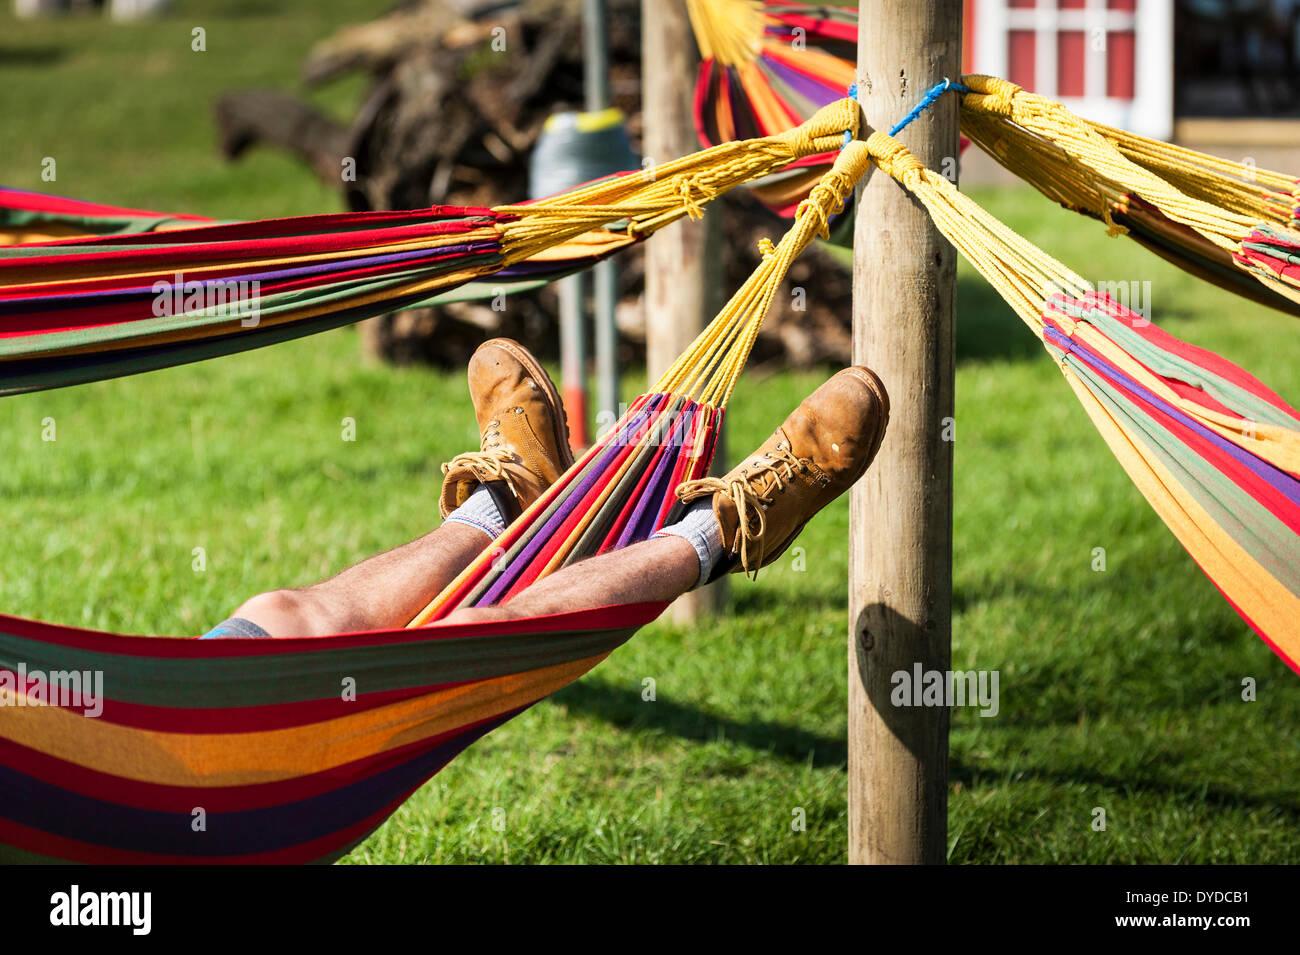 Un hombre dormido en una hamaca en el Festival Brownstock en Essex. Imagen De Stock